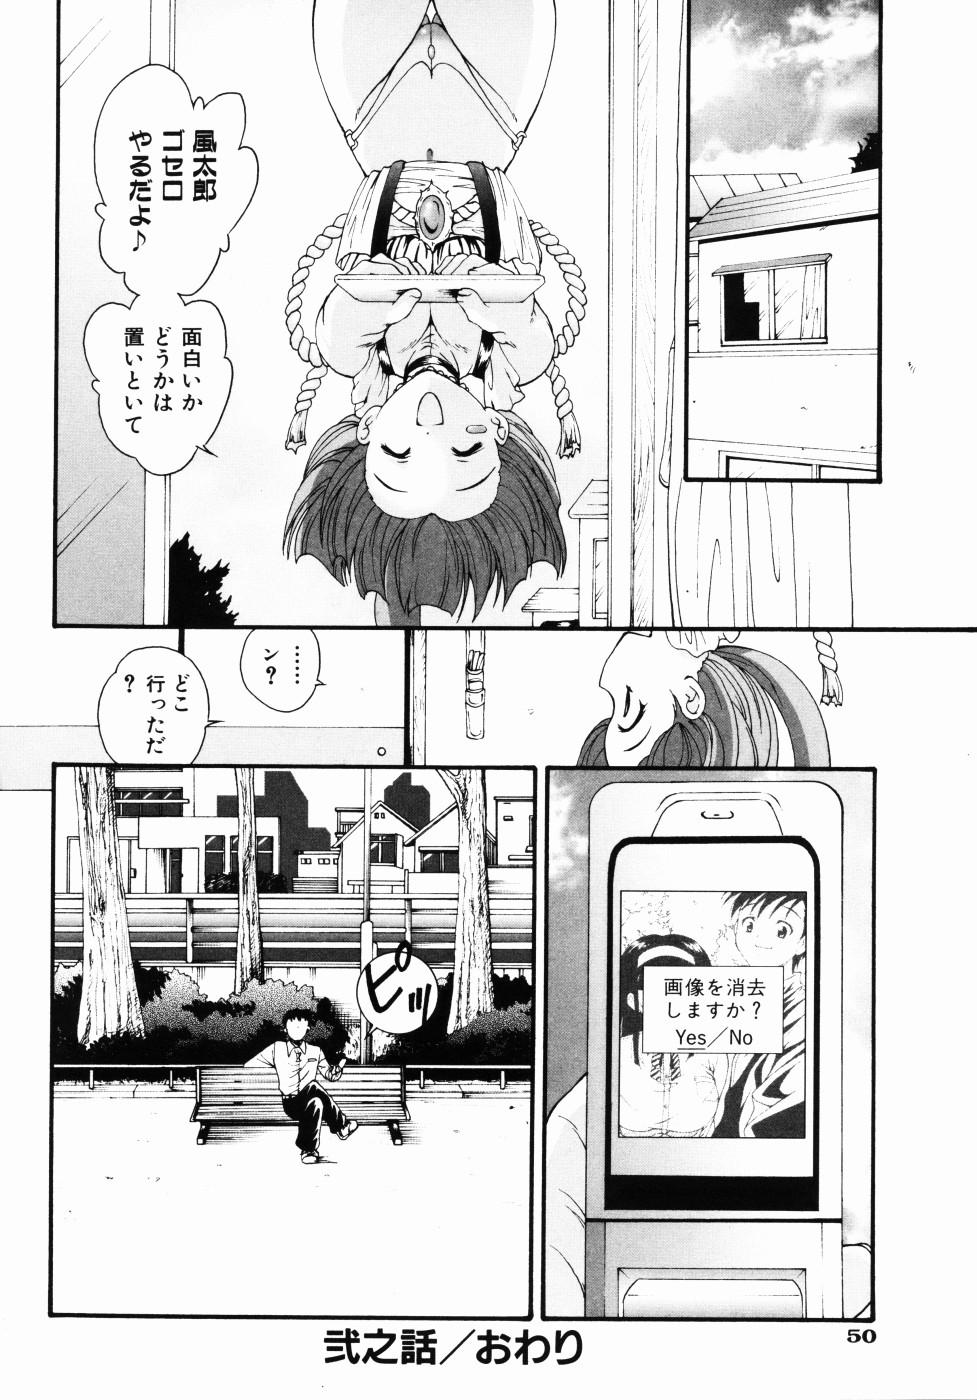 Daikyou Megami 54